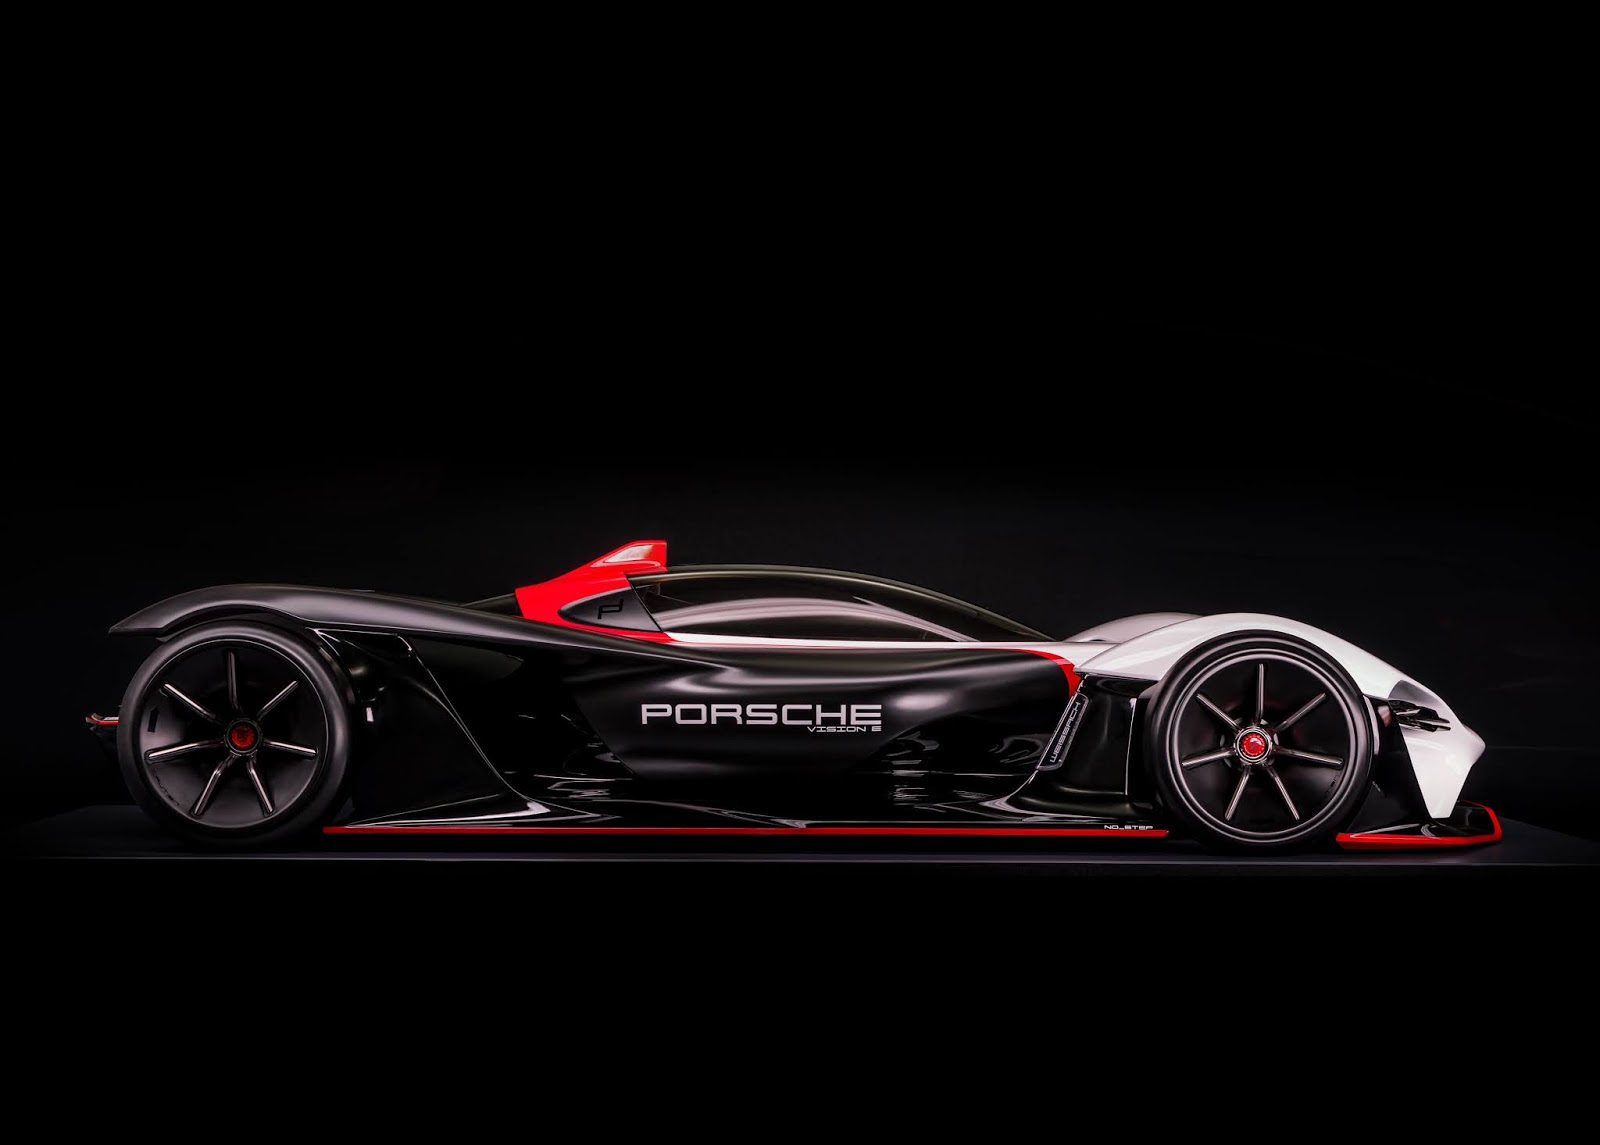 Capture0018 1 Τα άγνωστα Hypercars της Porsche hypercar, Porsche, Porsche Unseen, Sunday, supercar, supercars, zblog, ειδήσεις